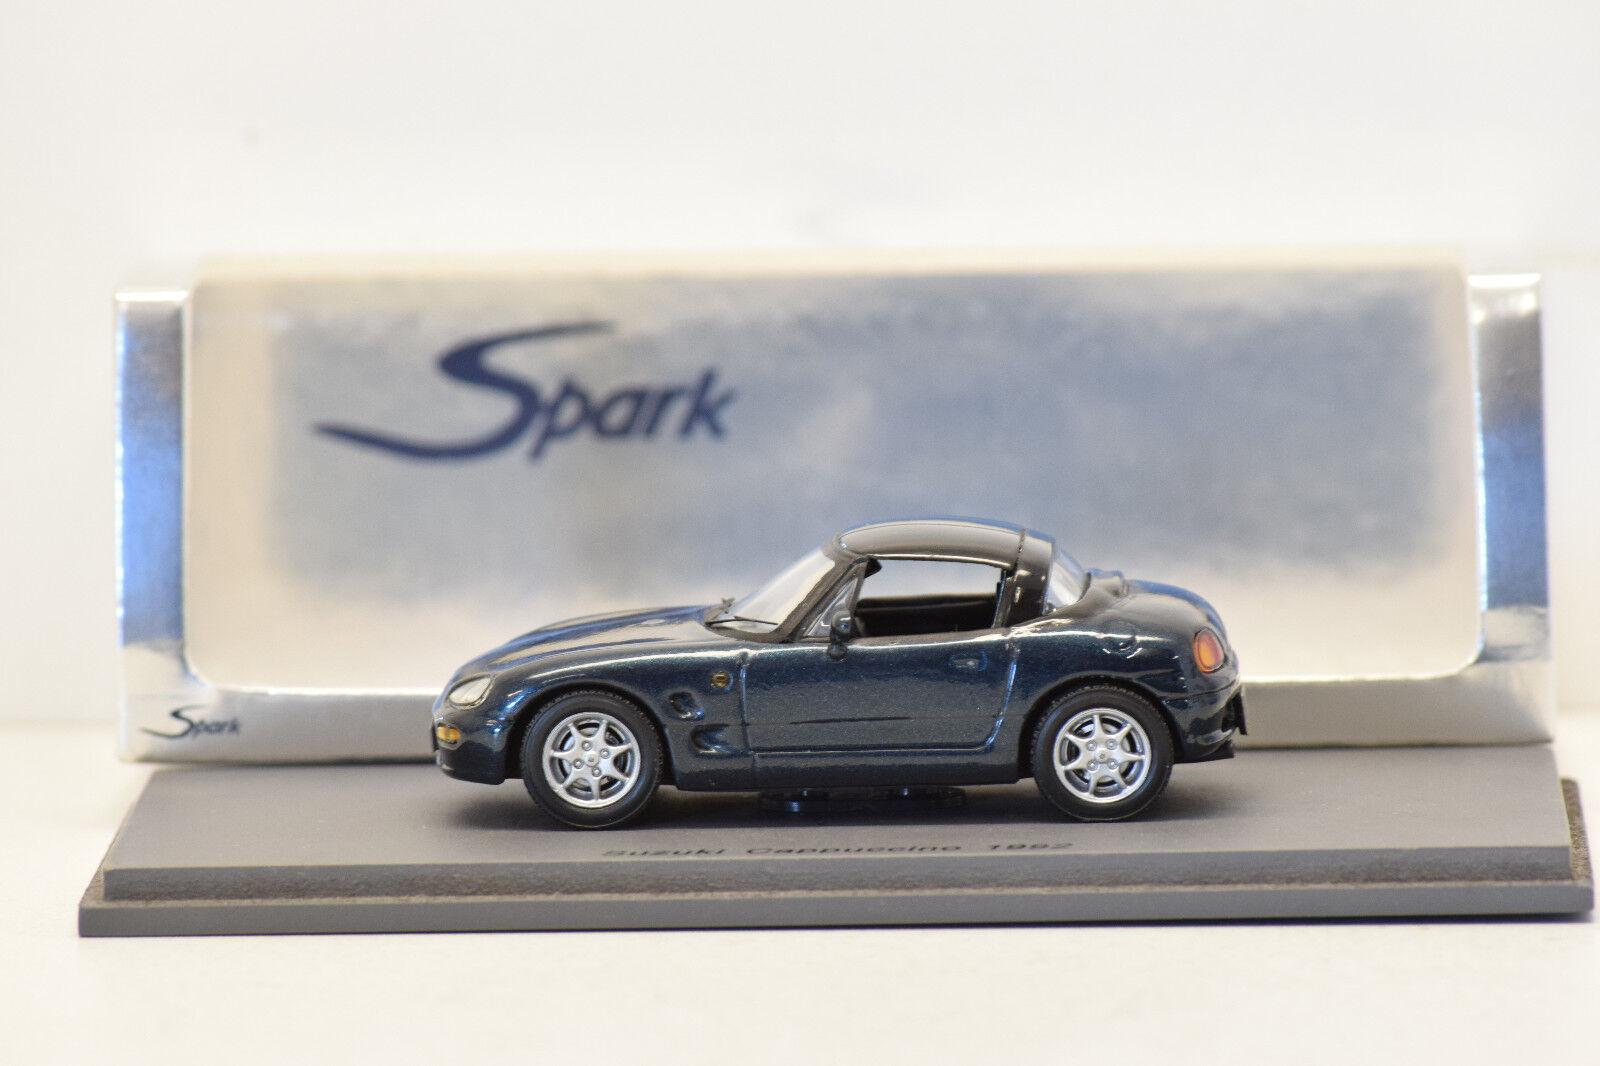 orden ahora disfrutar de gran descuento SUZUKI CAPPUCCINO 1992 DARK DARK DARK verde SPARK 1 43 NEUF EN BOITE  compras online de deportes